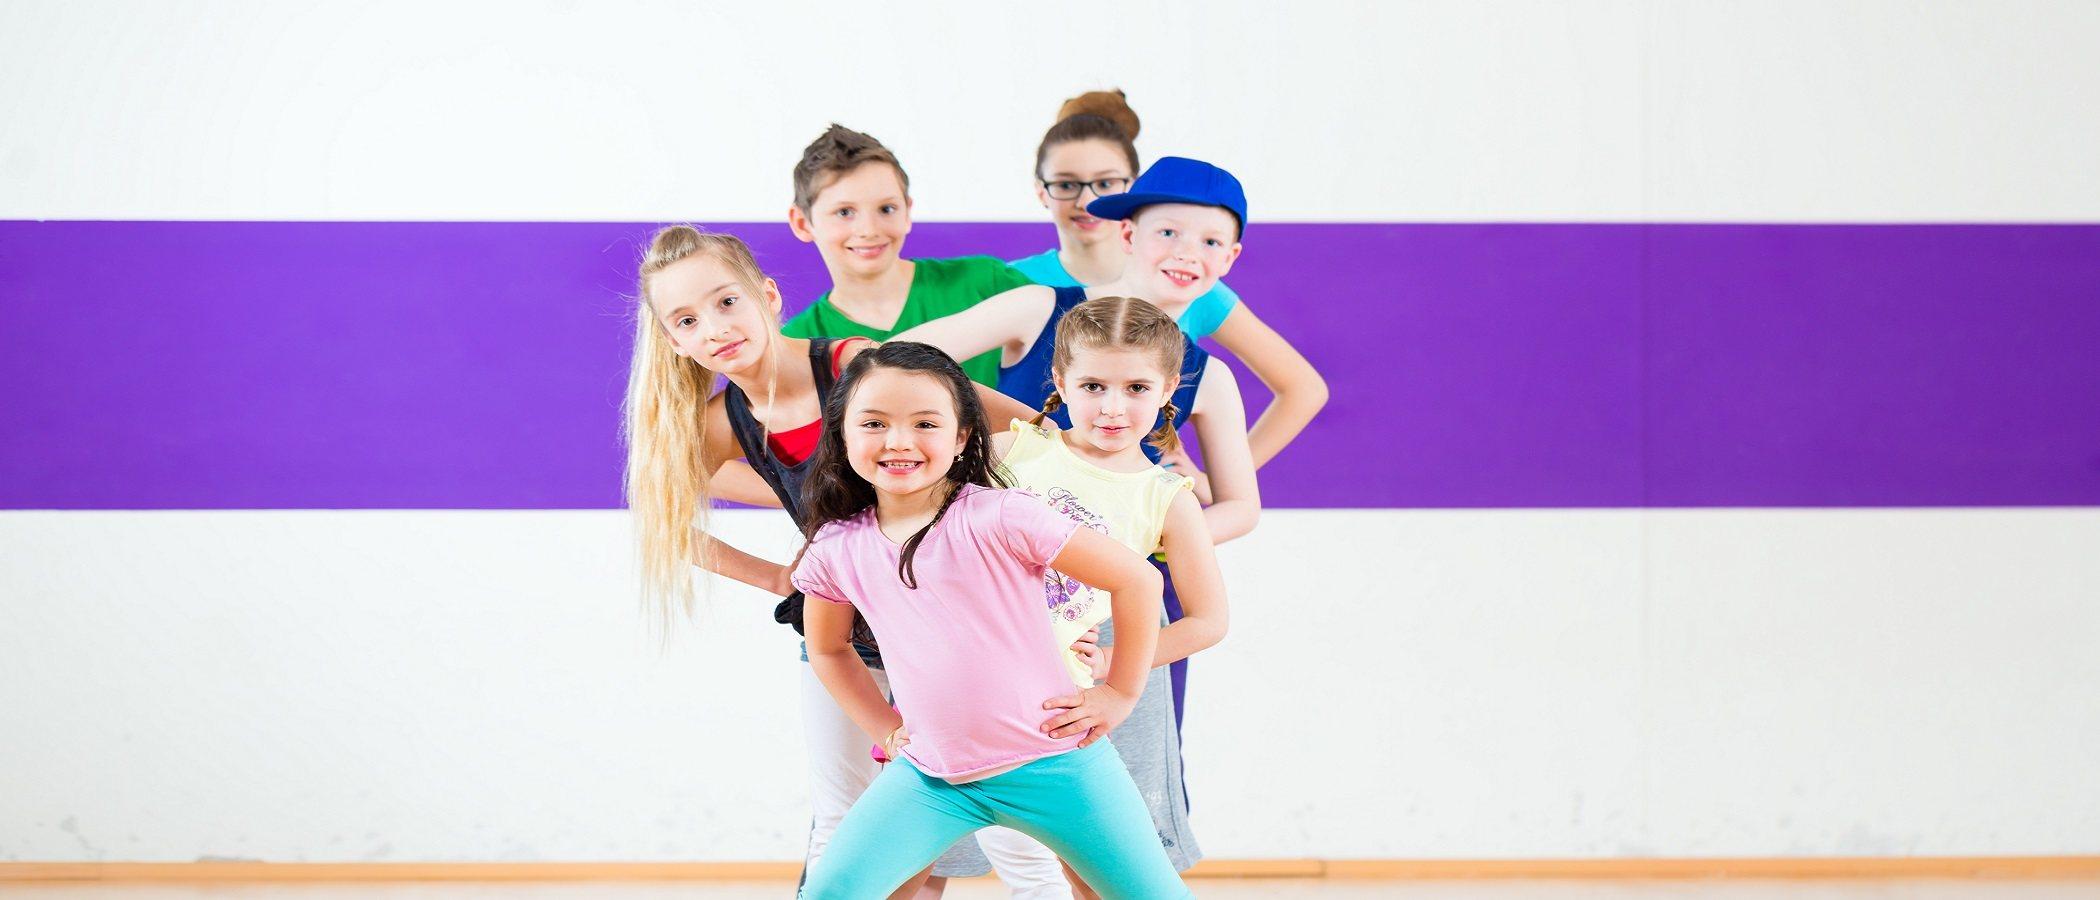 Canciones infantiles para bailar